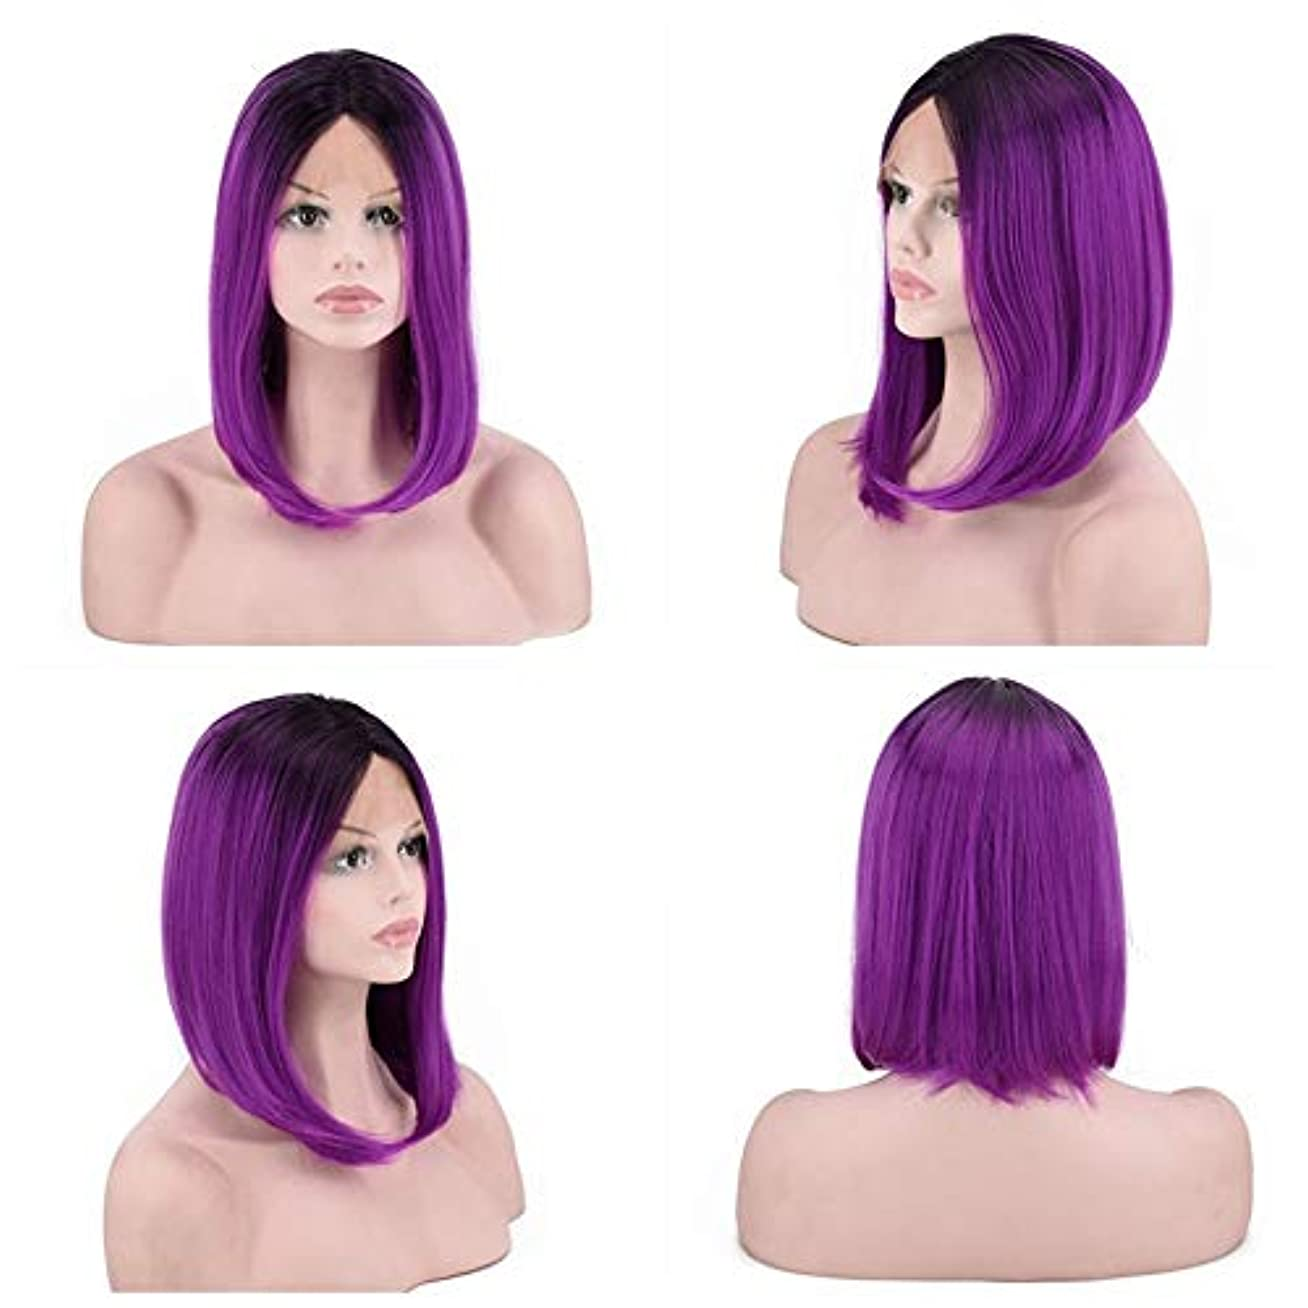 裏切り者アウター没頭するYOUQIU 女性のかつらのために新鮮でファッショナブルなグラデーションショートストレート髪ボブウィッグレースフロントウィッグ (色 : 832#)